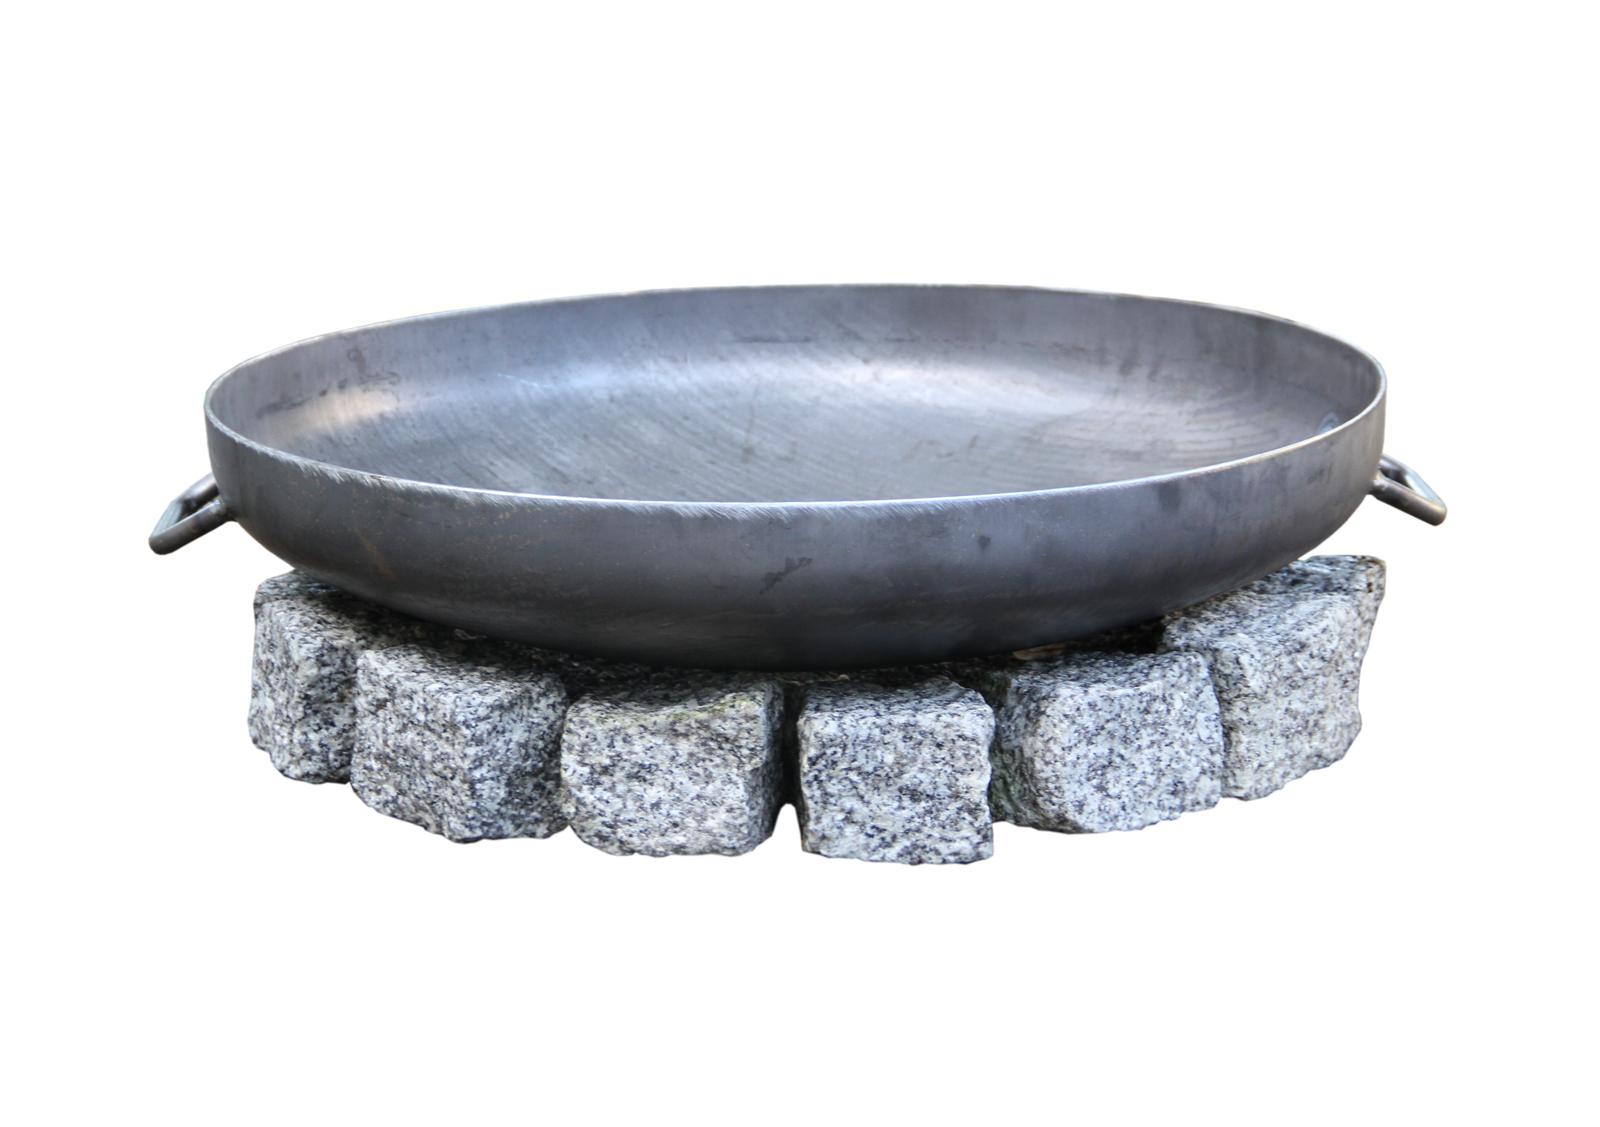 ondis24 feuerschale grill 70 cm g nstig online kaufen. Black Bedroom Furniture Sets. Home Design Ideas